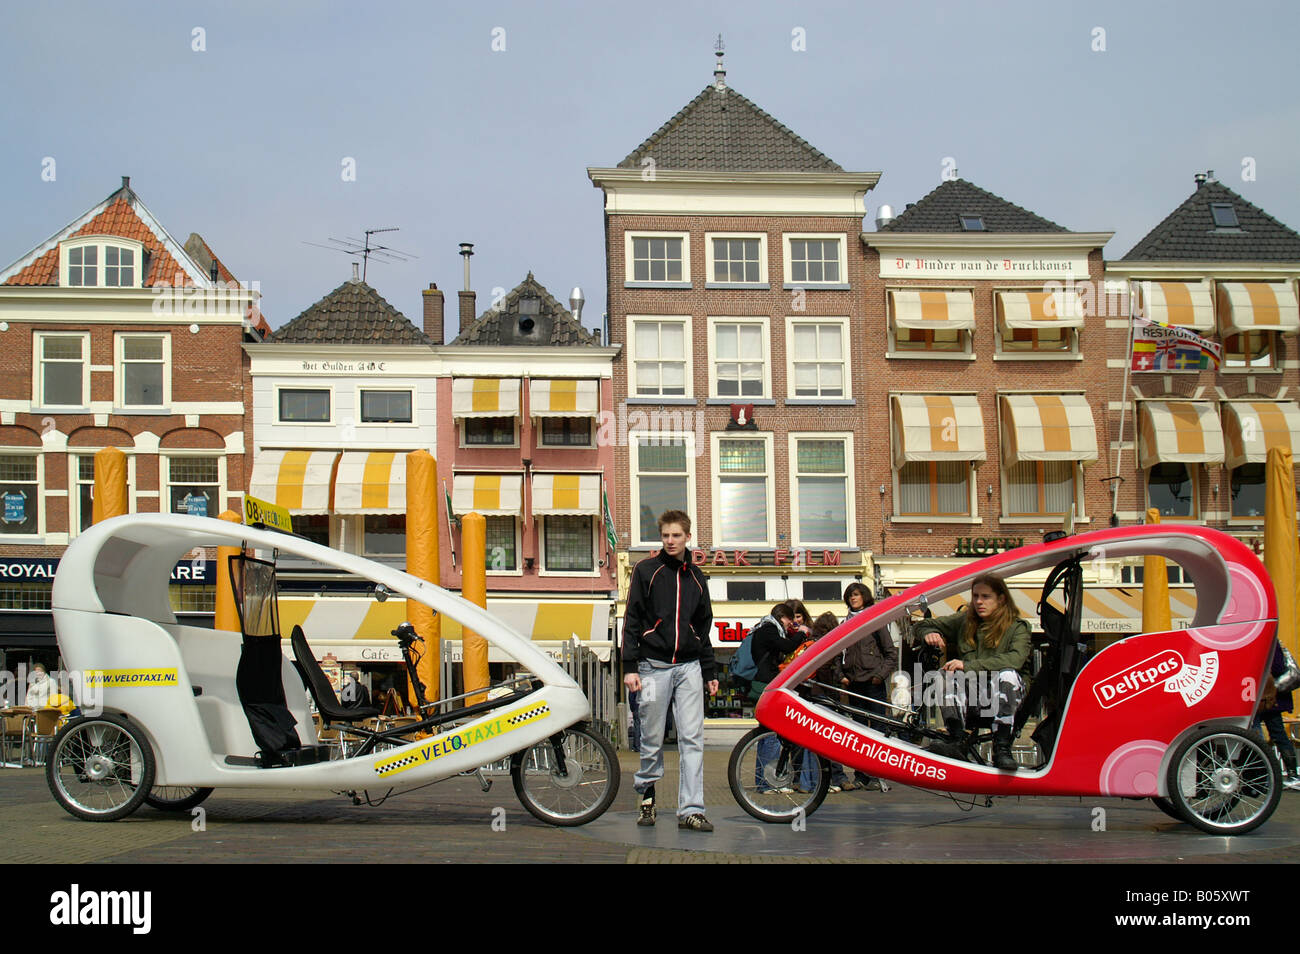 Noleggio velo taxi alla piazza principale nella città di Delft, Paesi Bassi. Immagini Stock